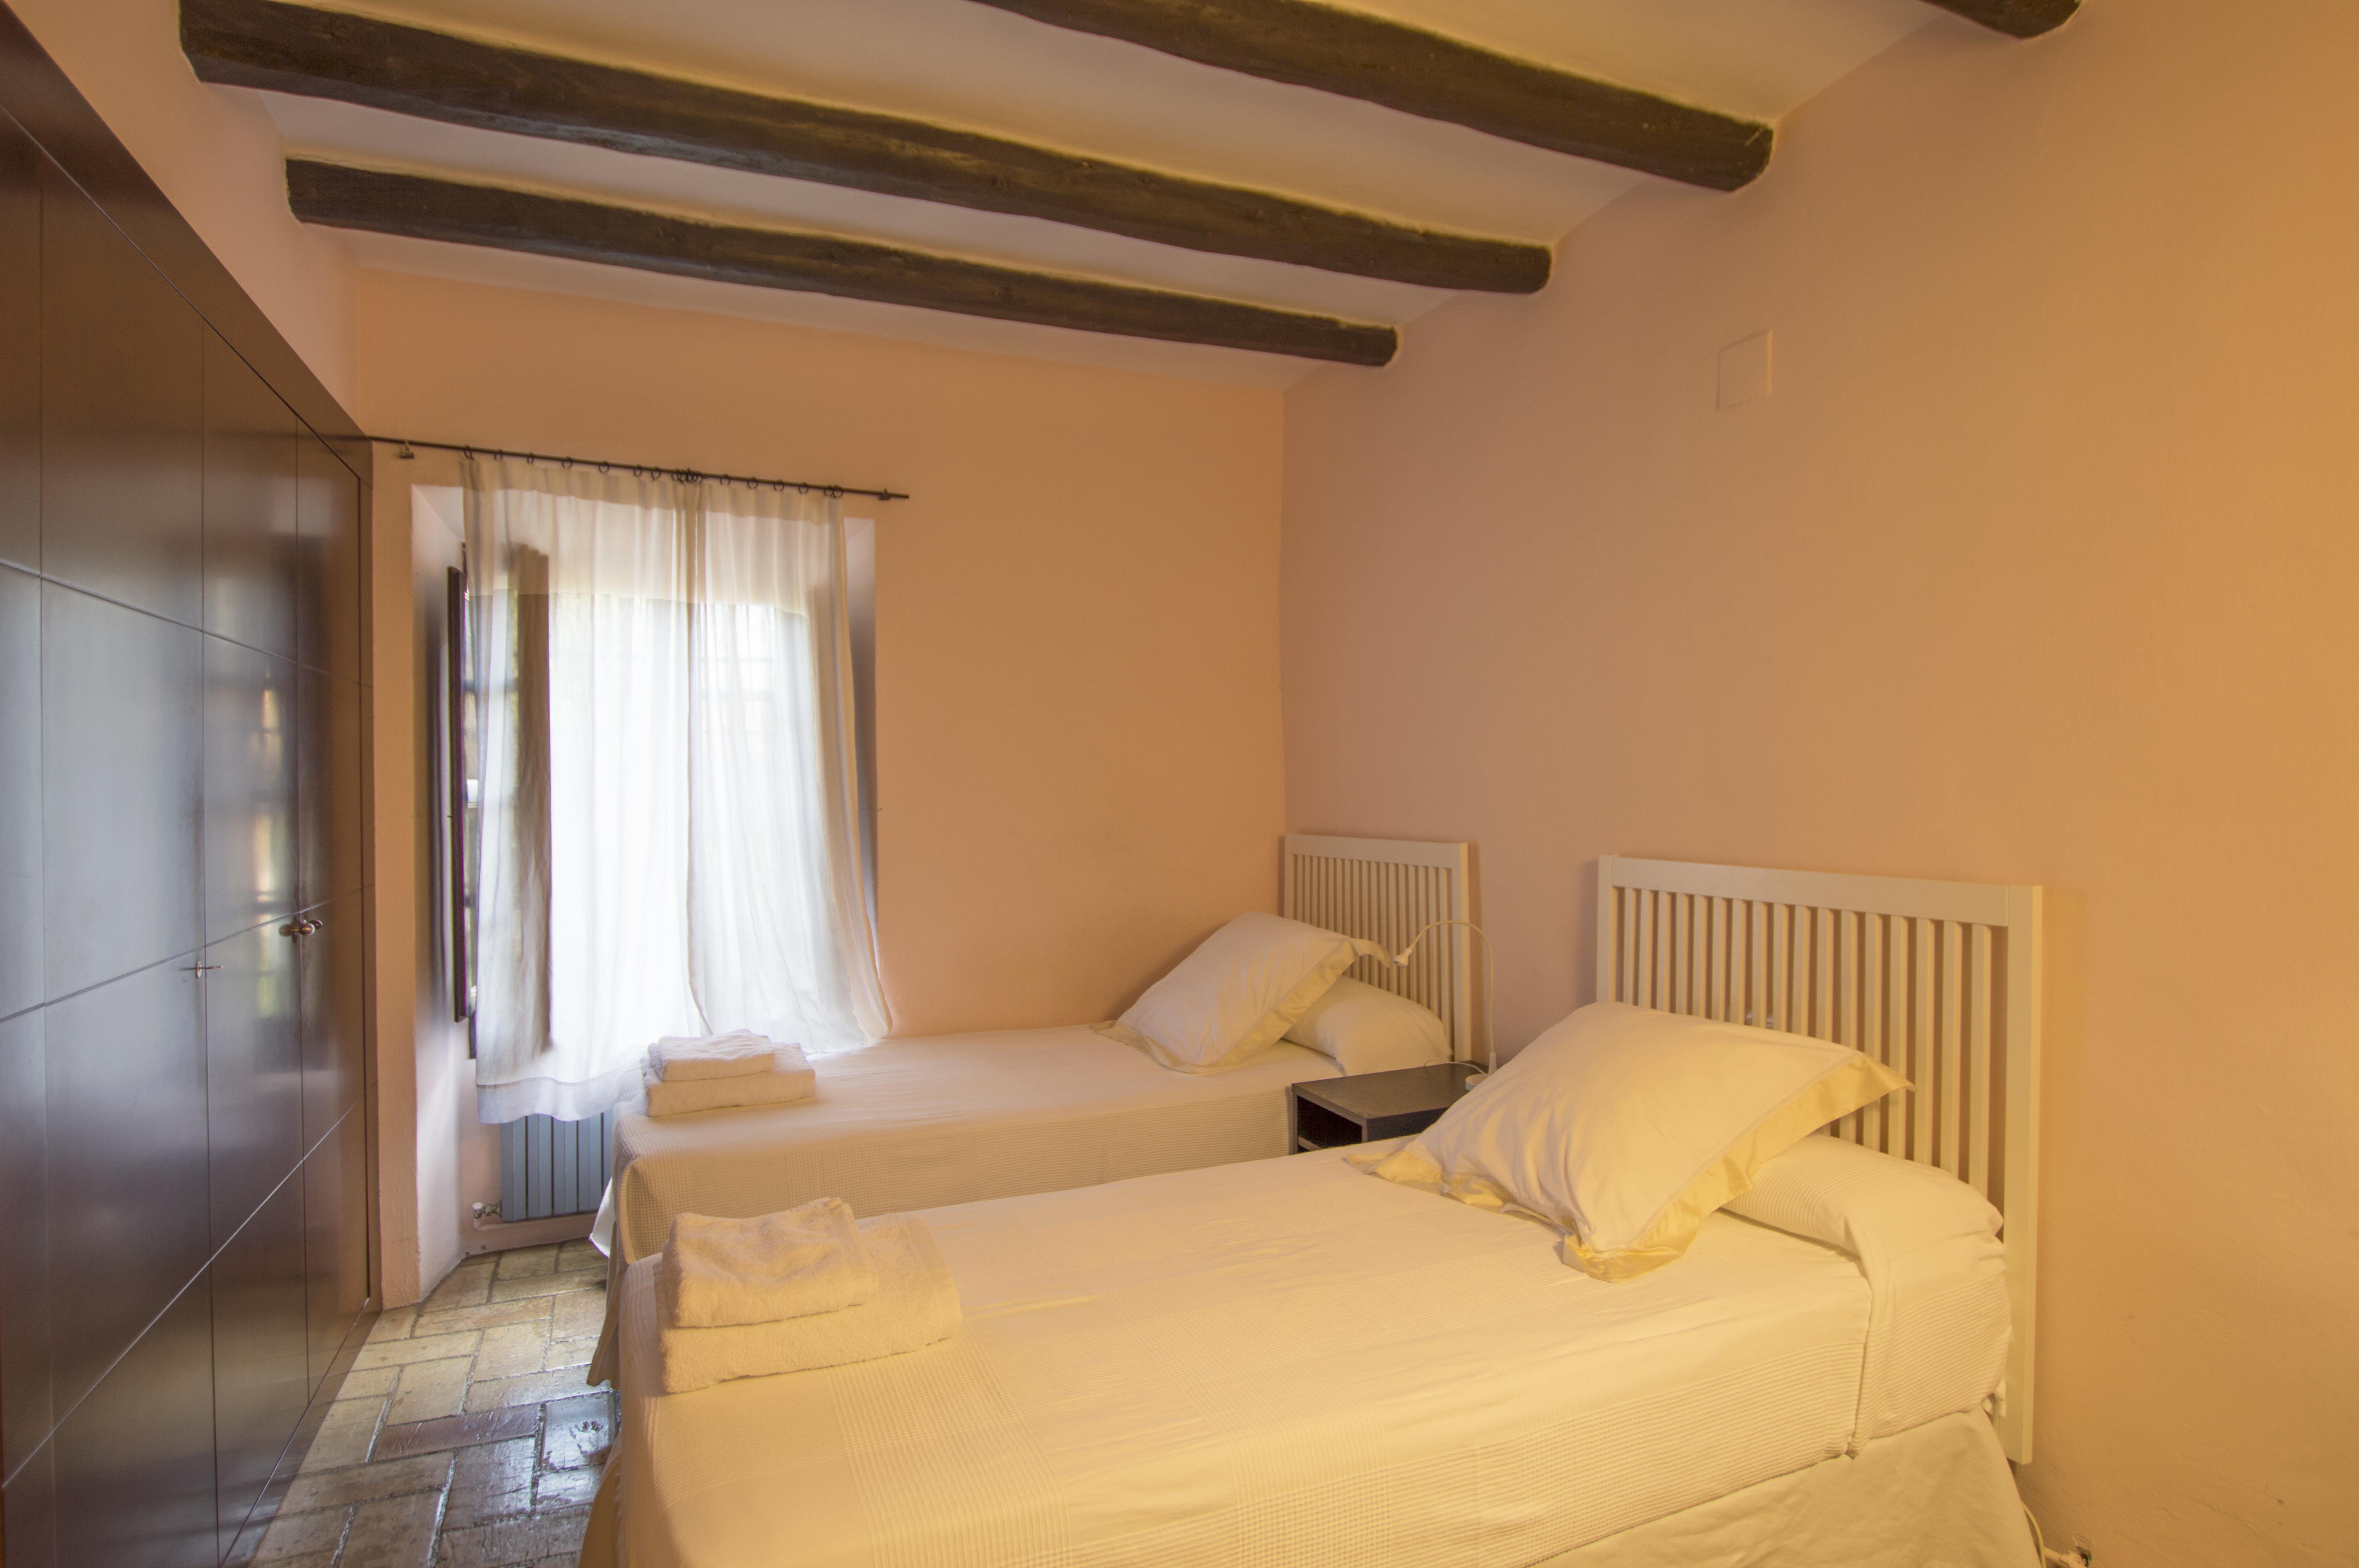 Dormitorio de invitados  / Engel & Völkers